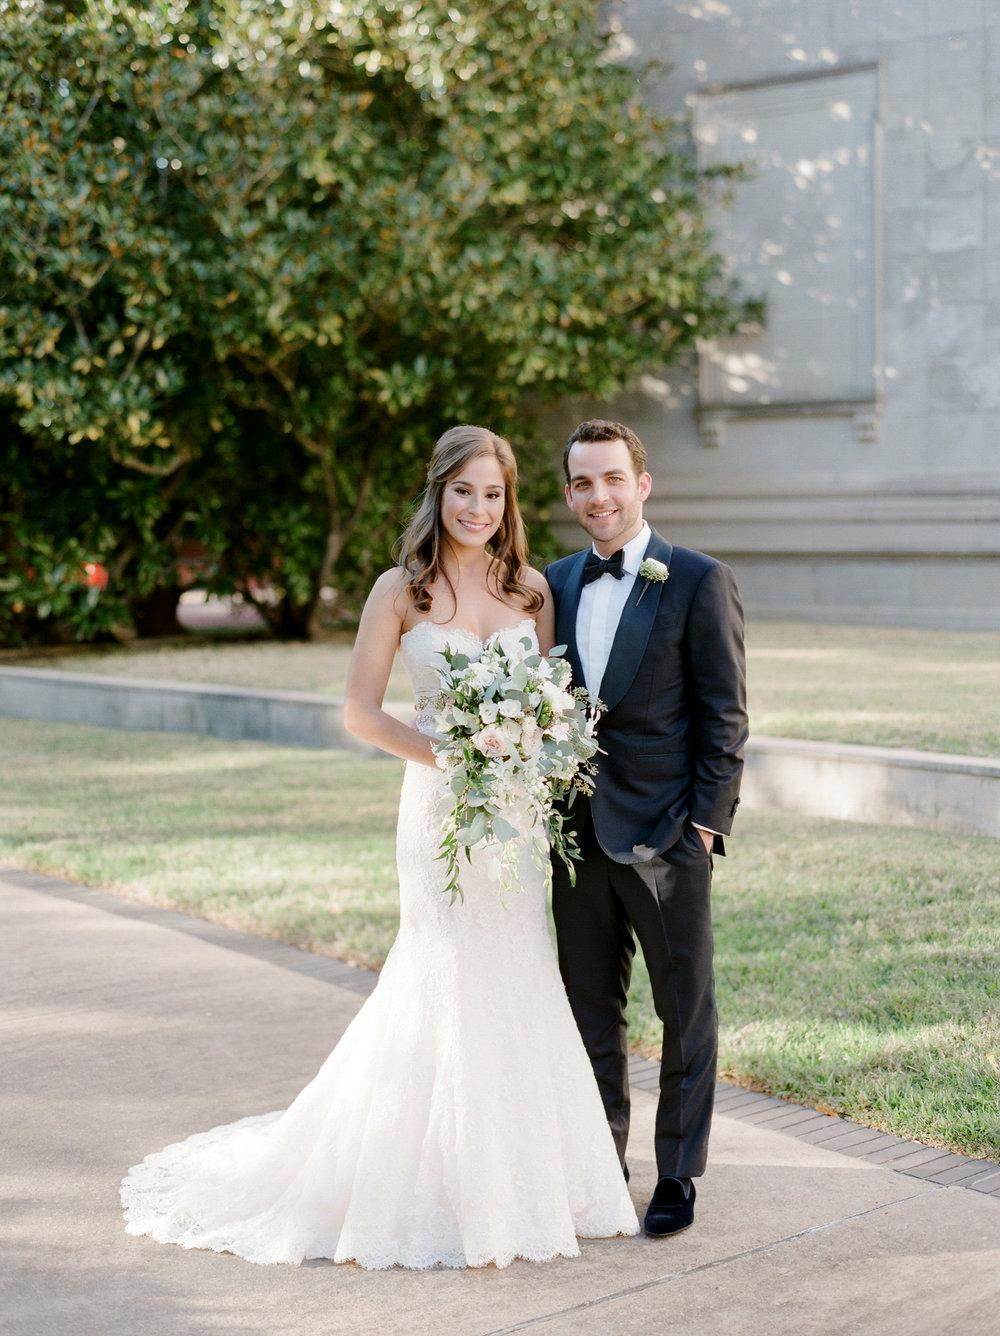 0019__Hotel_Zaza_Houston_Wedding_Photography_Hoffer.jpg